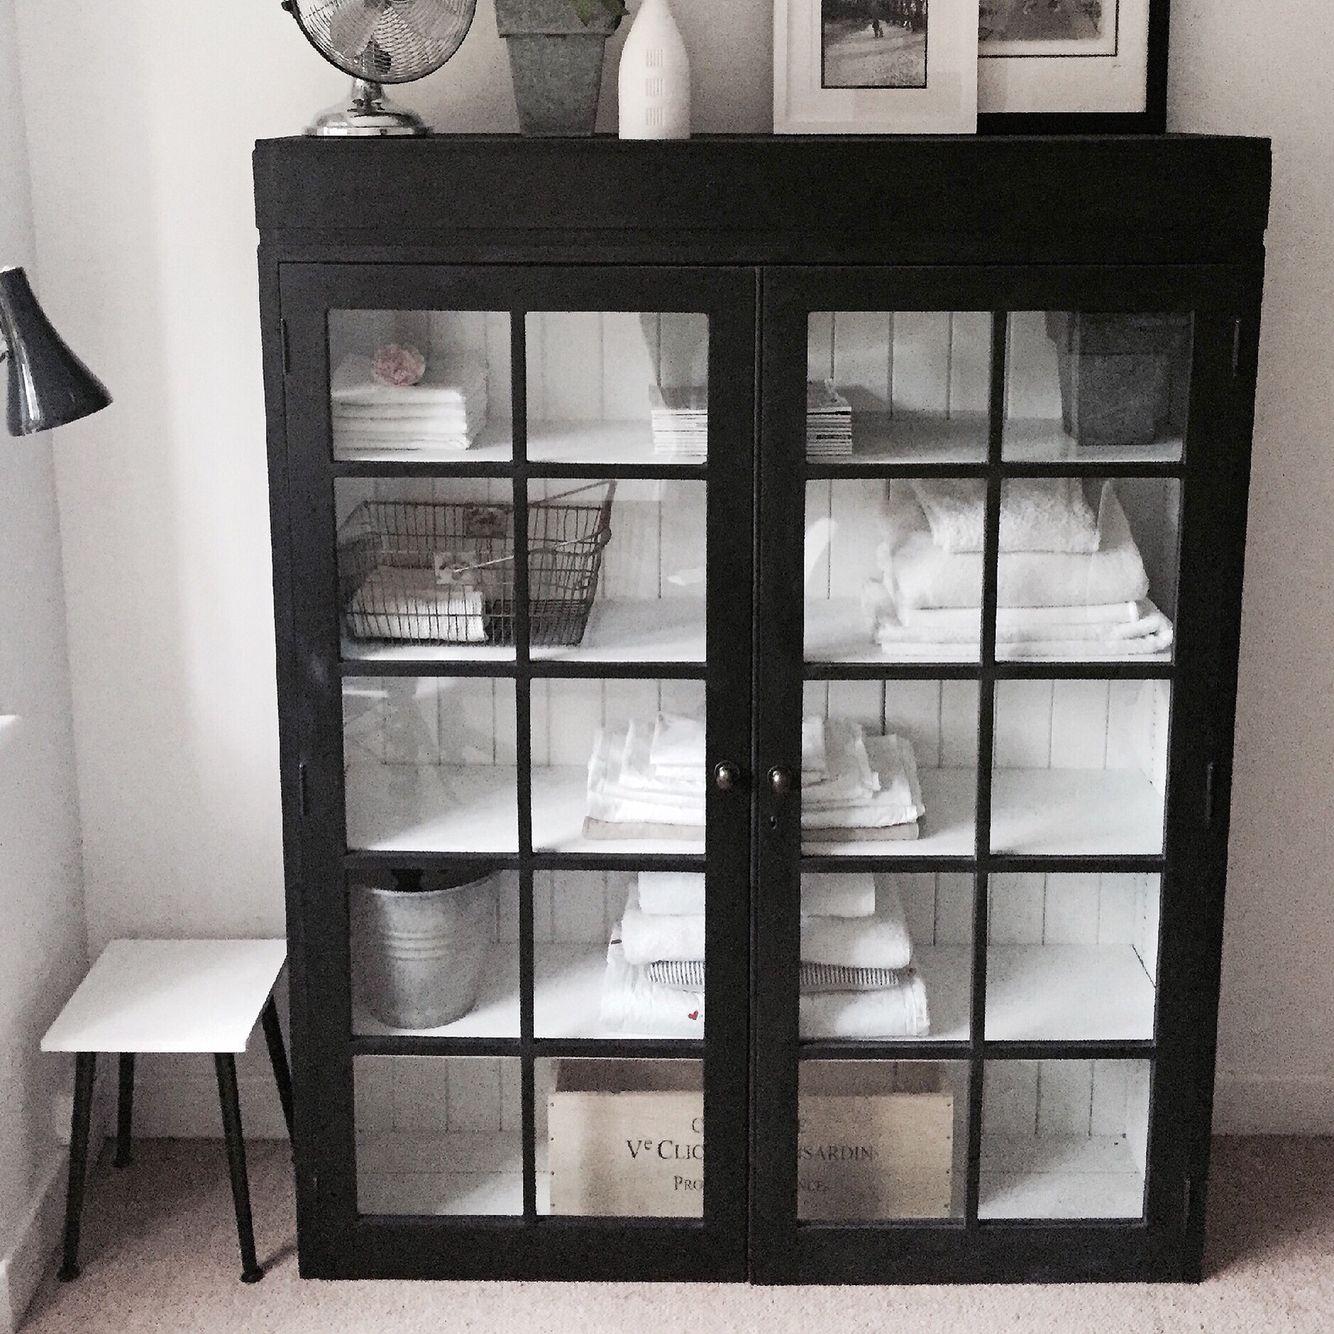 Antique black linen cupboard £565. www.livedandloved.co.uk - Antique Black Linen Cupboard £565. Www.livedandloved.co.uk